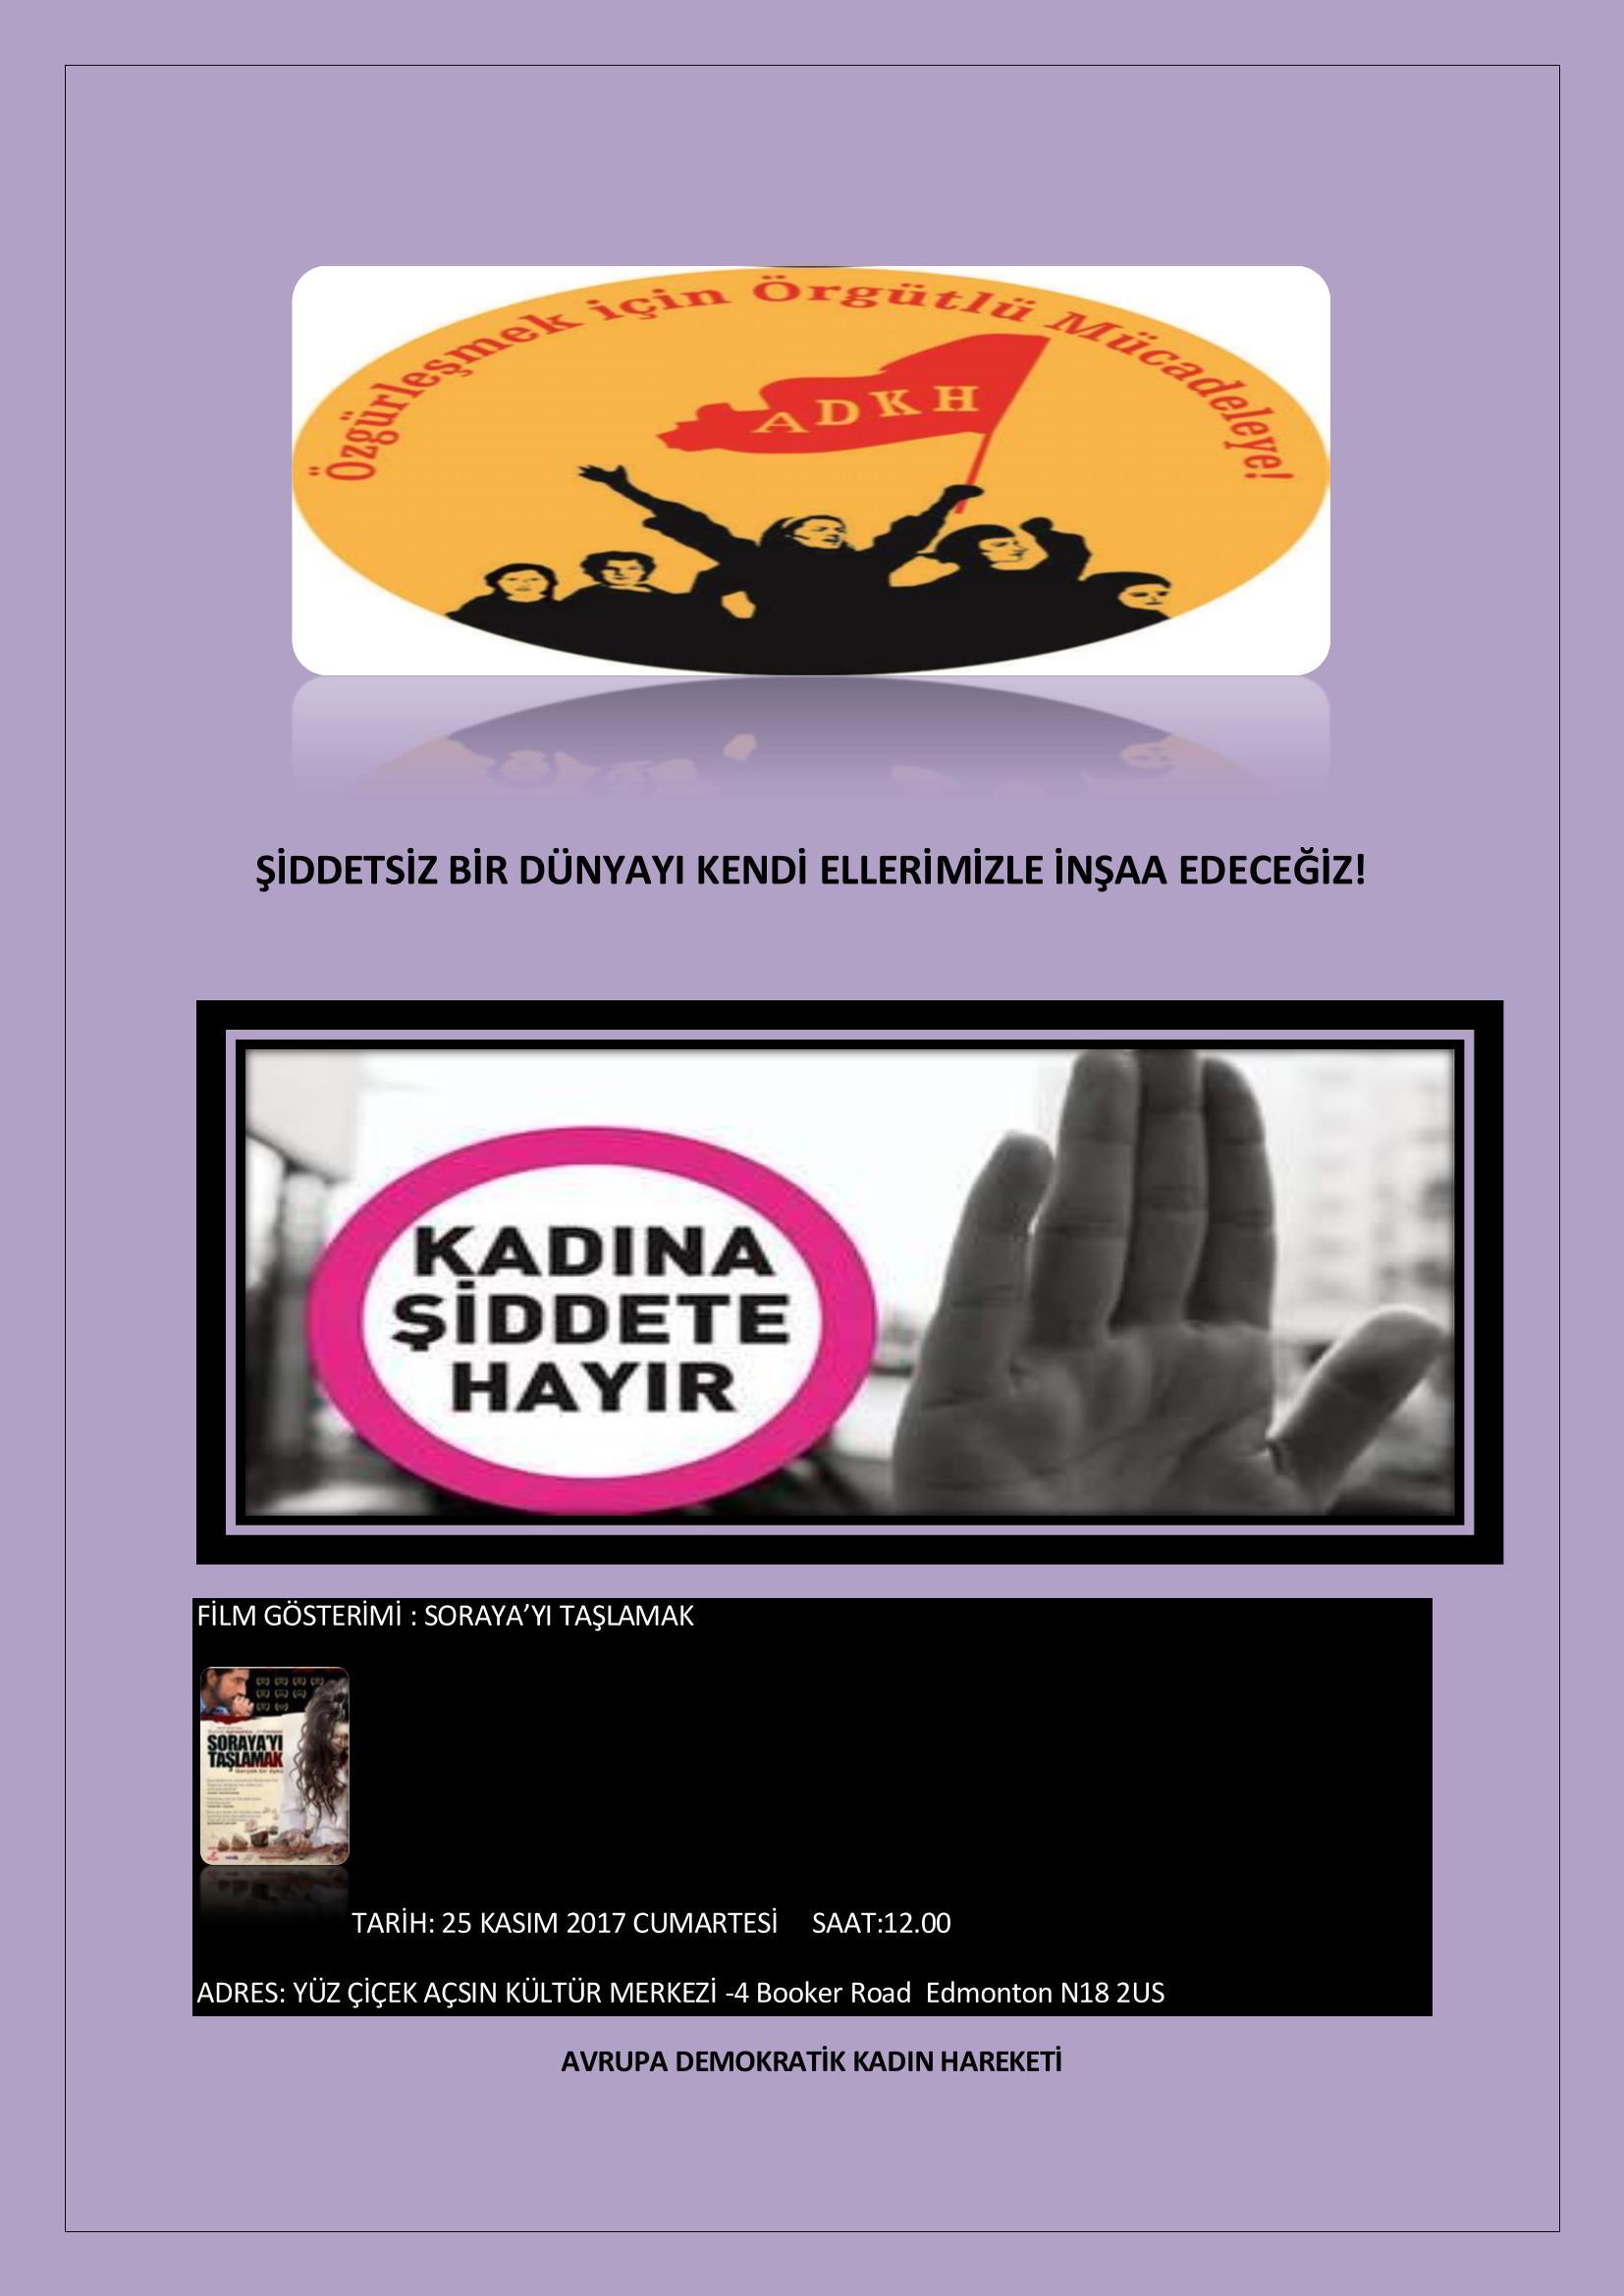 Karelia. Mermer Kanyon - doğanın eşsiz bir anıtı, insan eliyle yapılır 22